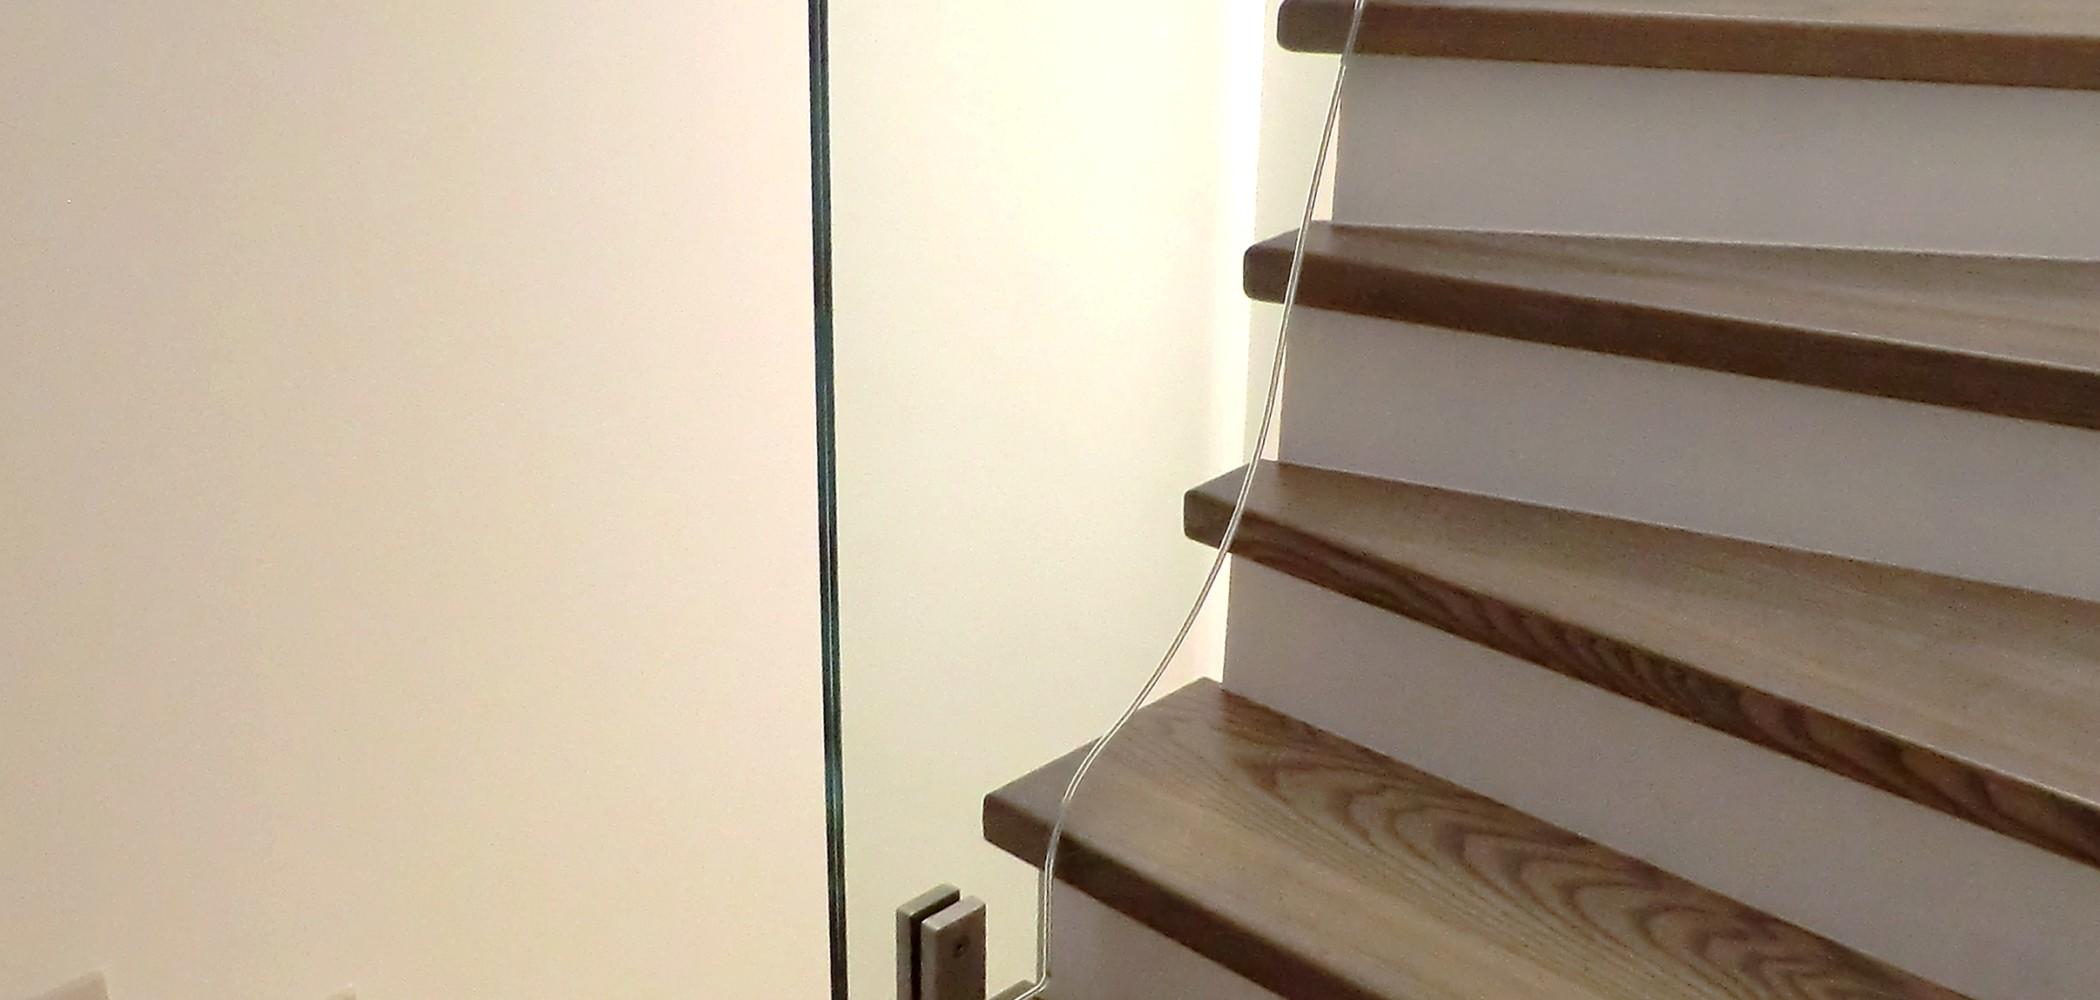 habillage bois sur escalier beton avec garde corps en verre